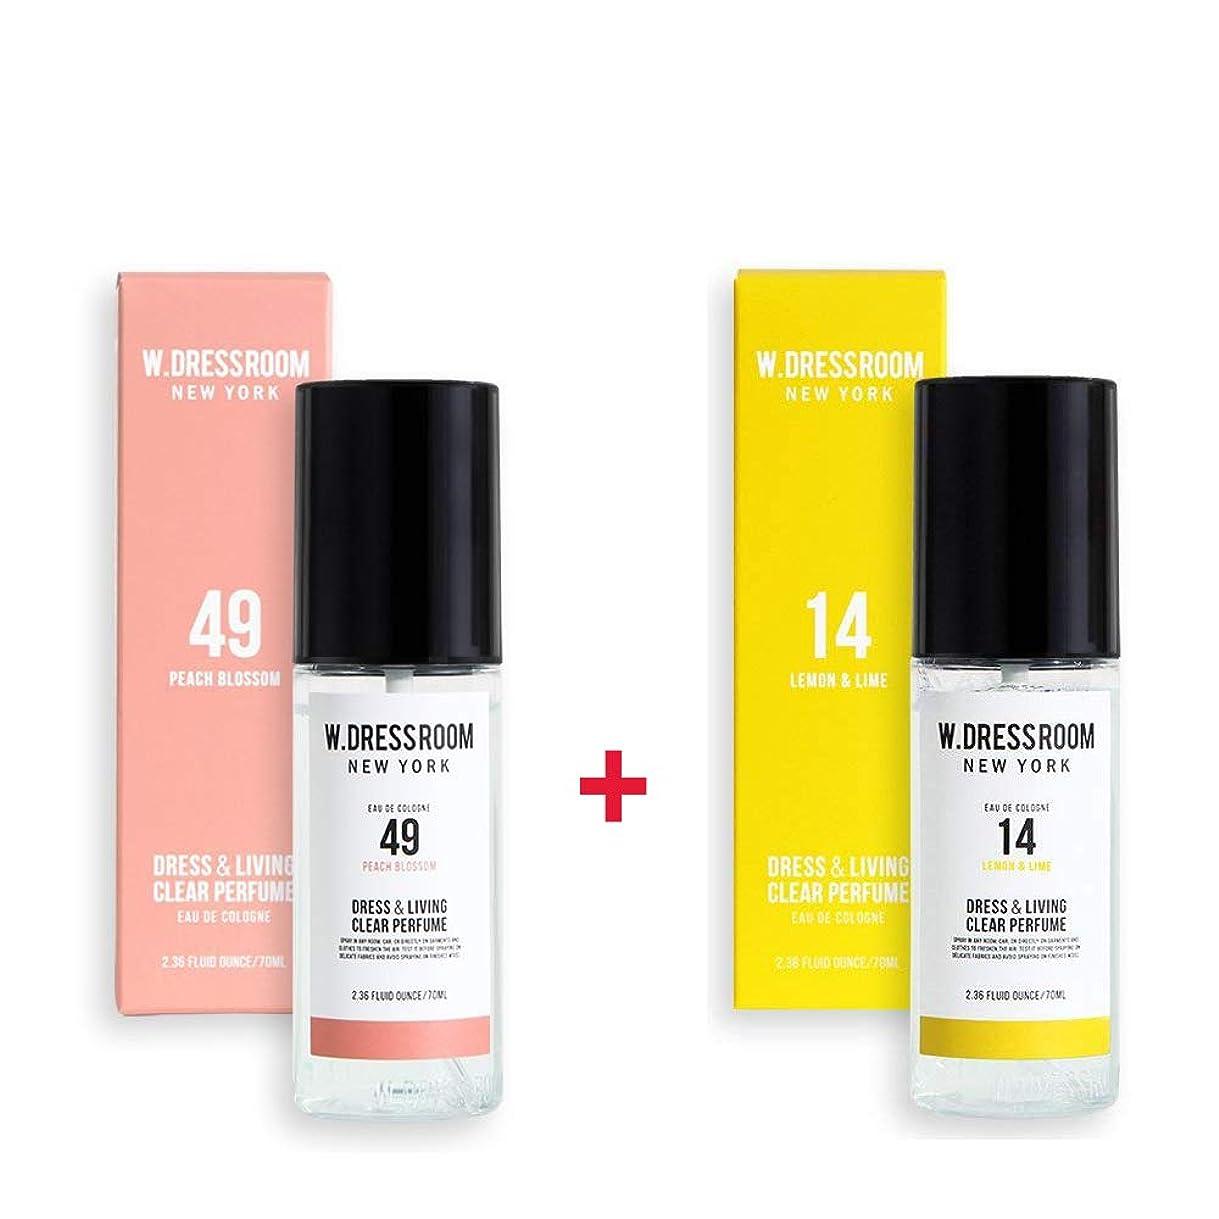 聴衆ストライク姿勢W.DRESSROOM Dress & Living Clear Perfume 70ml (No 49 Peach Blossom)+(No 14 Lemon & Lime)